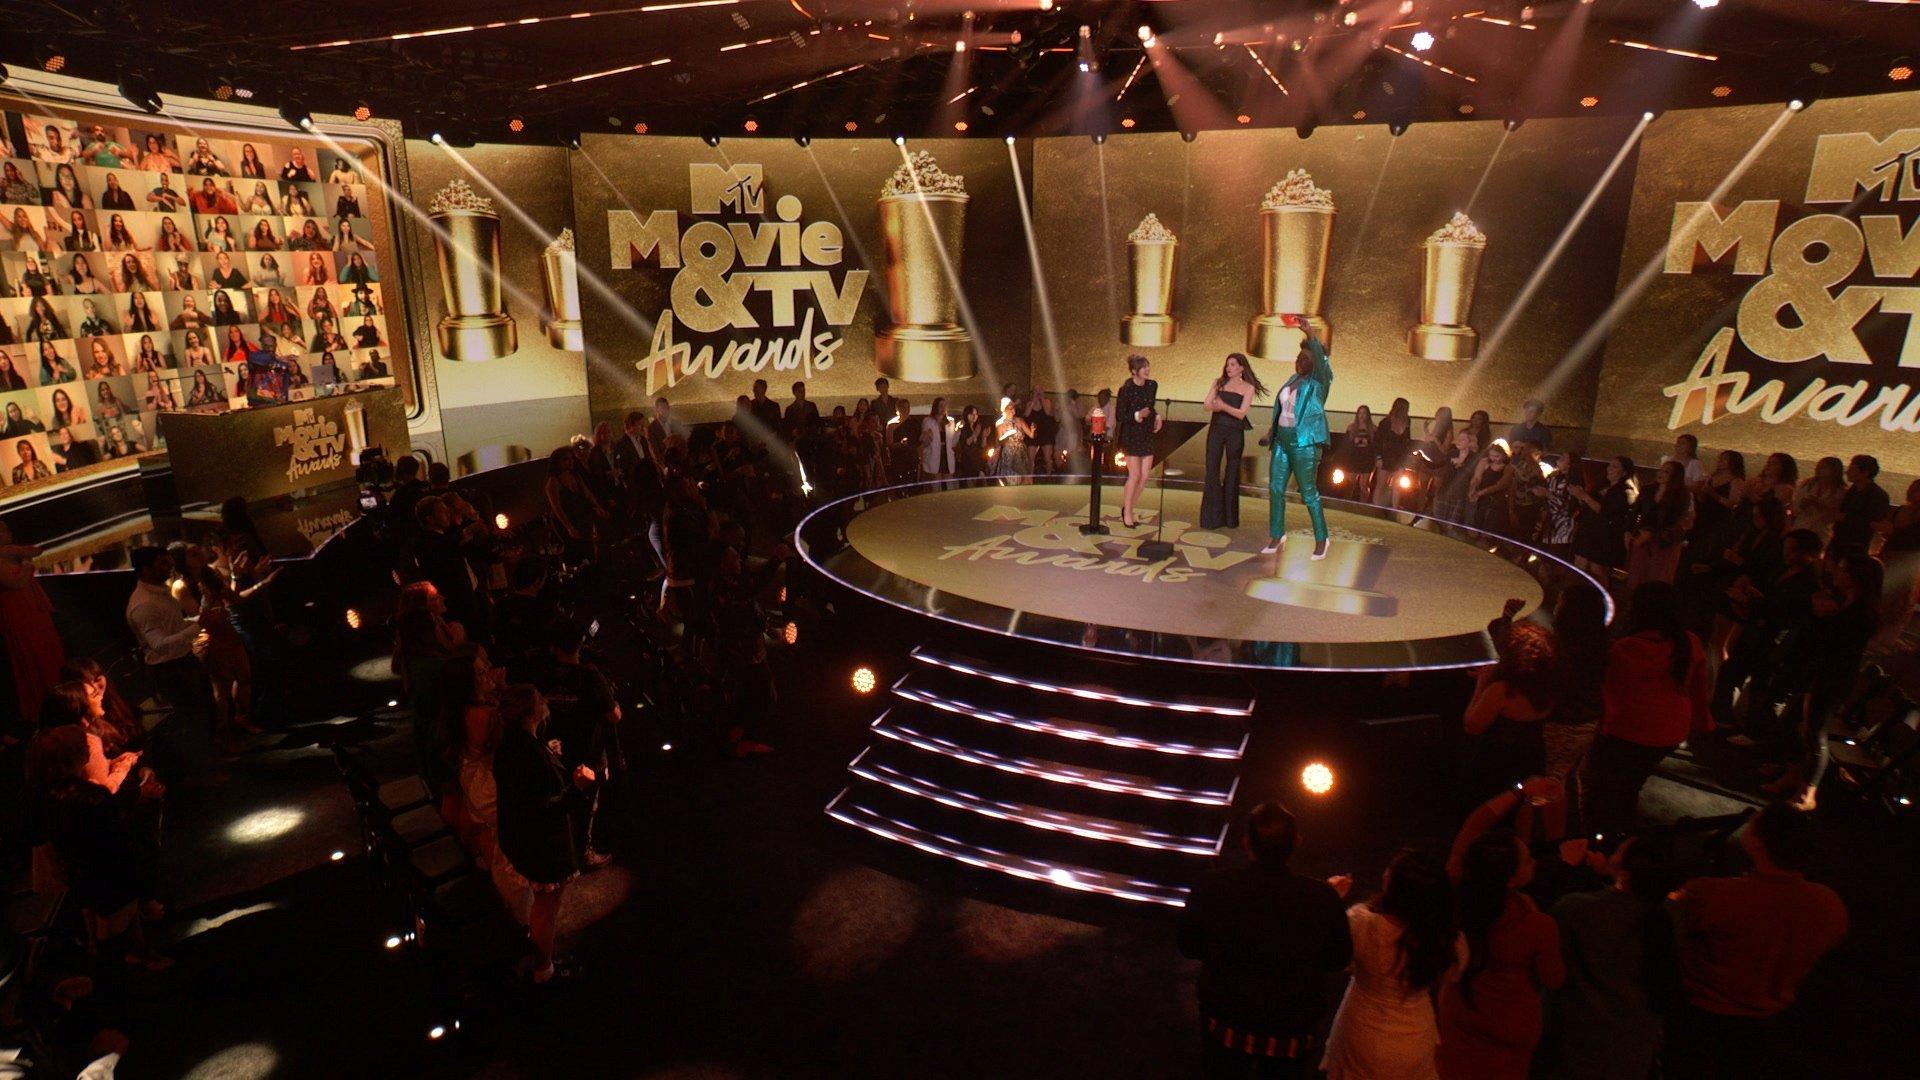 Elizabeth Olsen, Kathryn Hahn and host Leslie Jones are seen onstage during the 2021 MTV Movie & TV Awards in Los Angeles, California, U.S., May 16, 2021. (Viacom via Reuters)